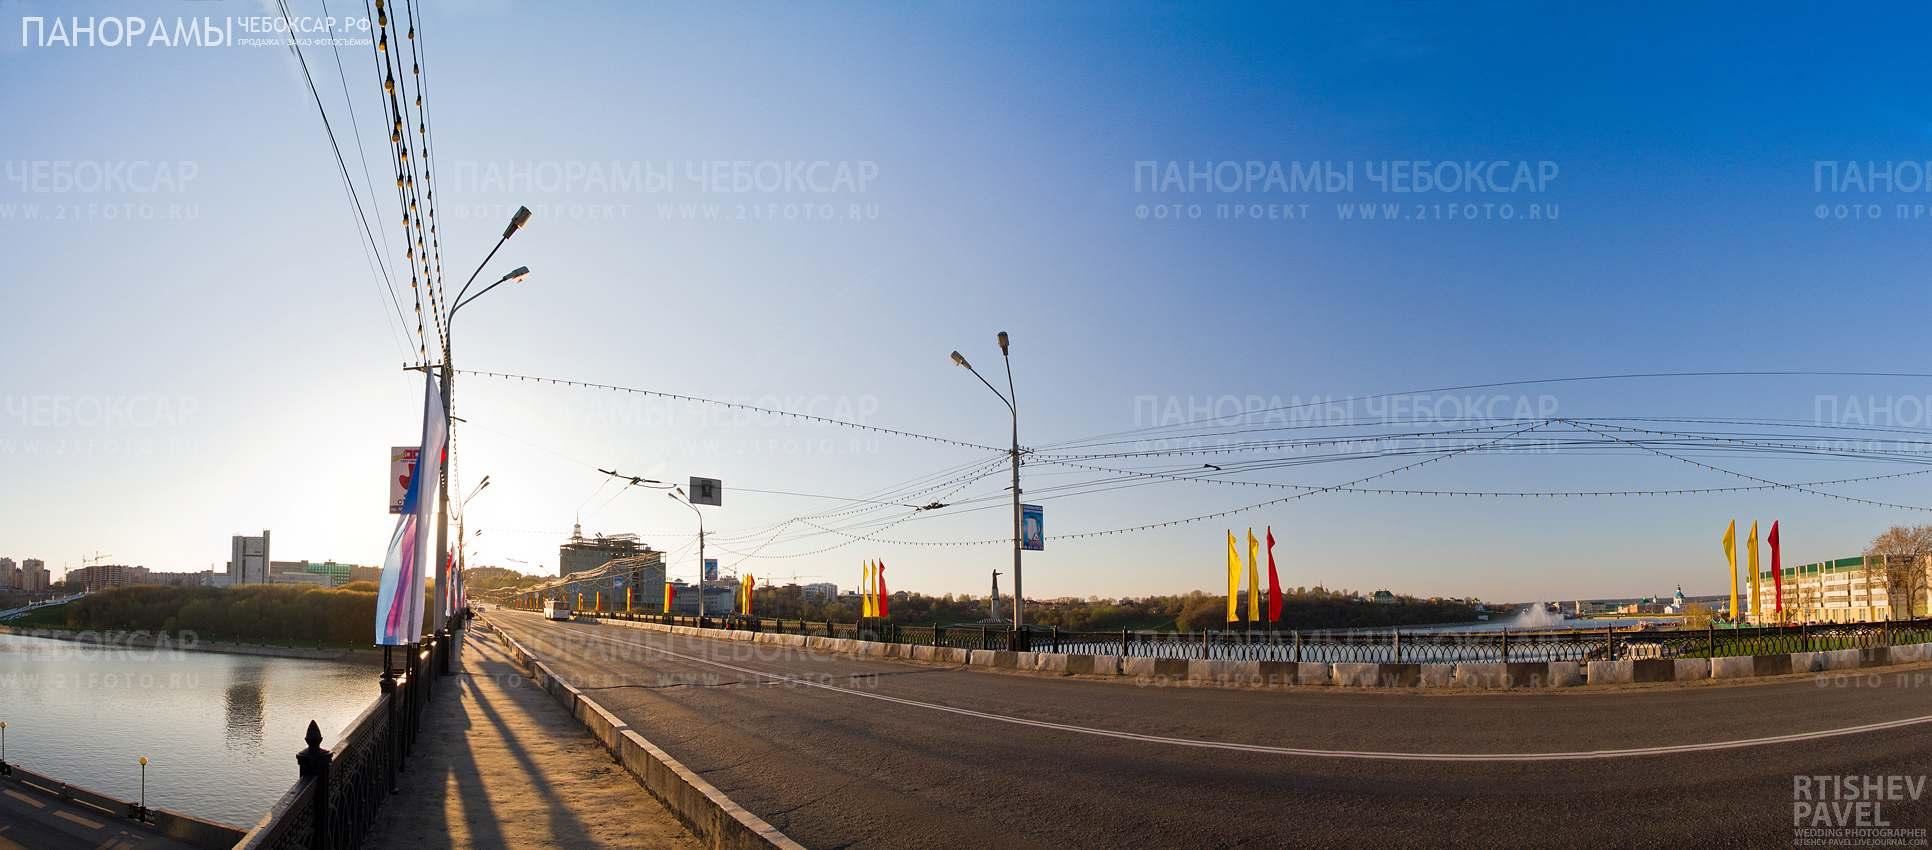 Фотография залива и Московского Моста в городе Чебоксары